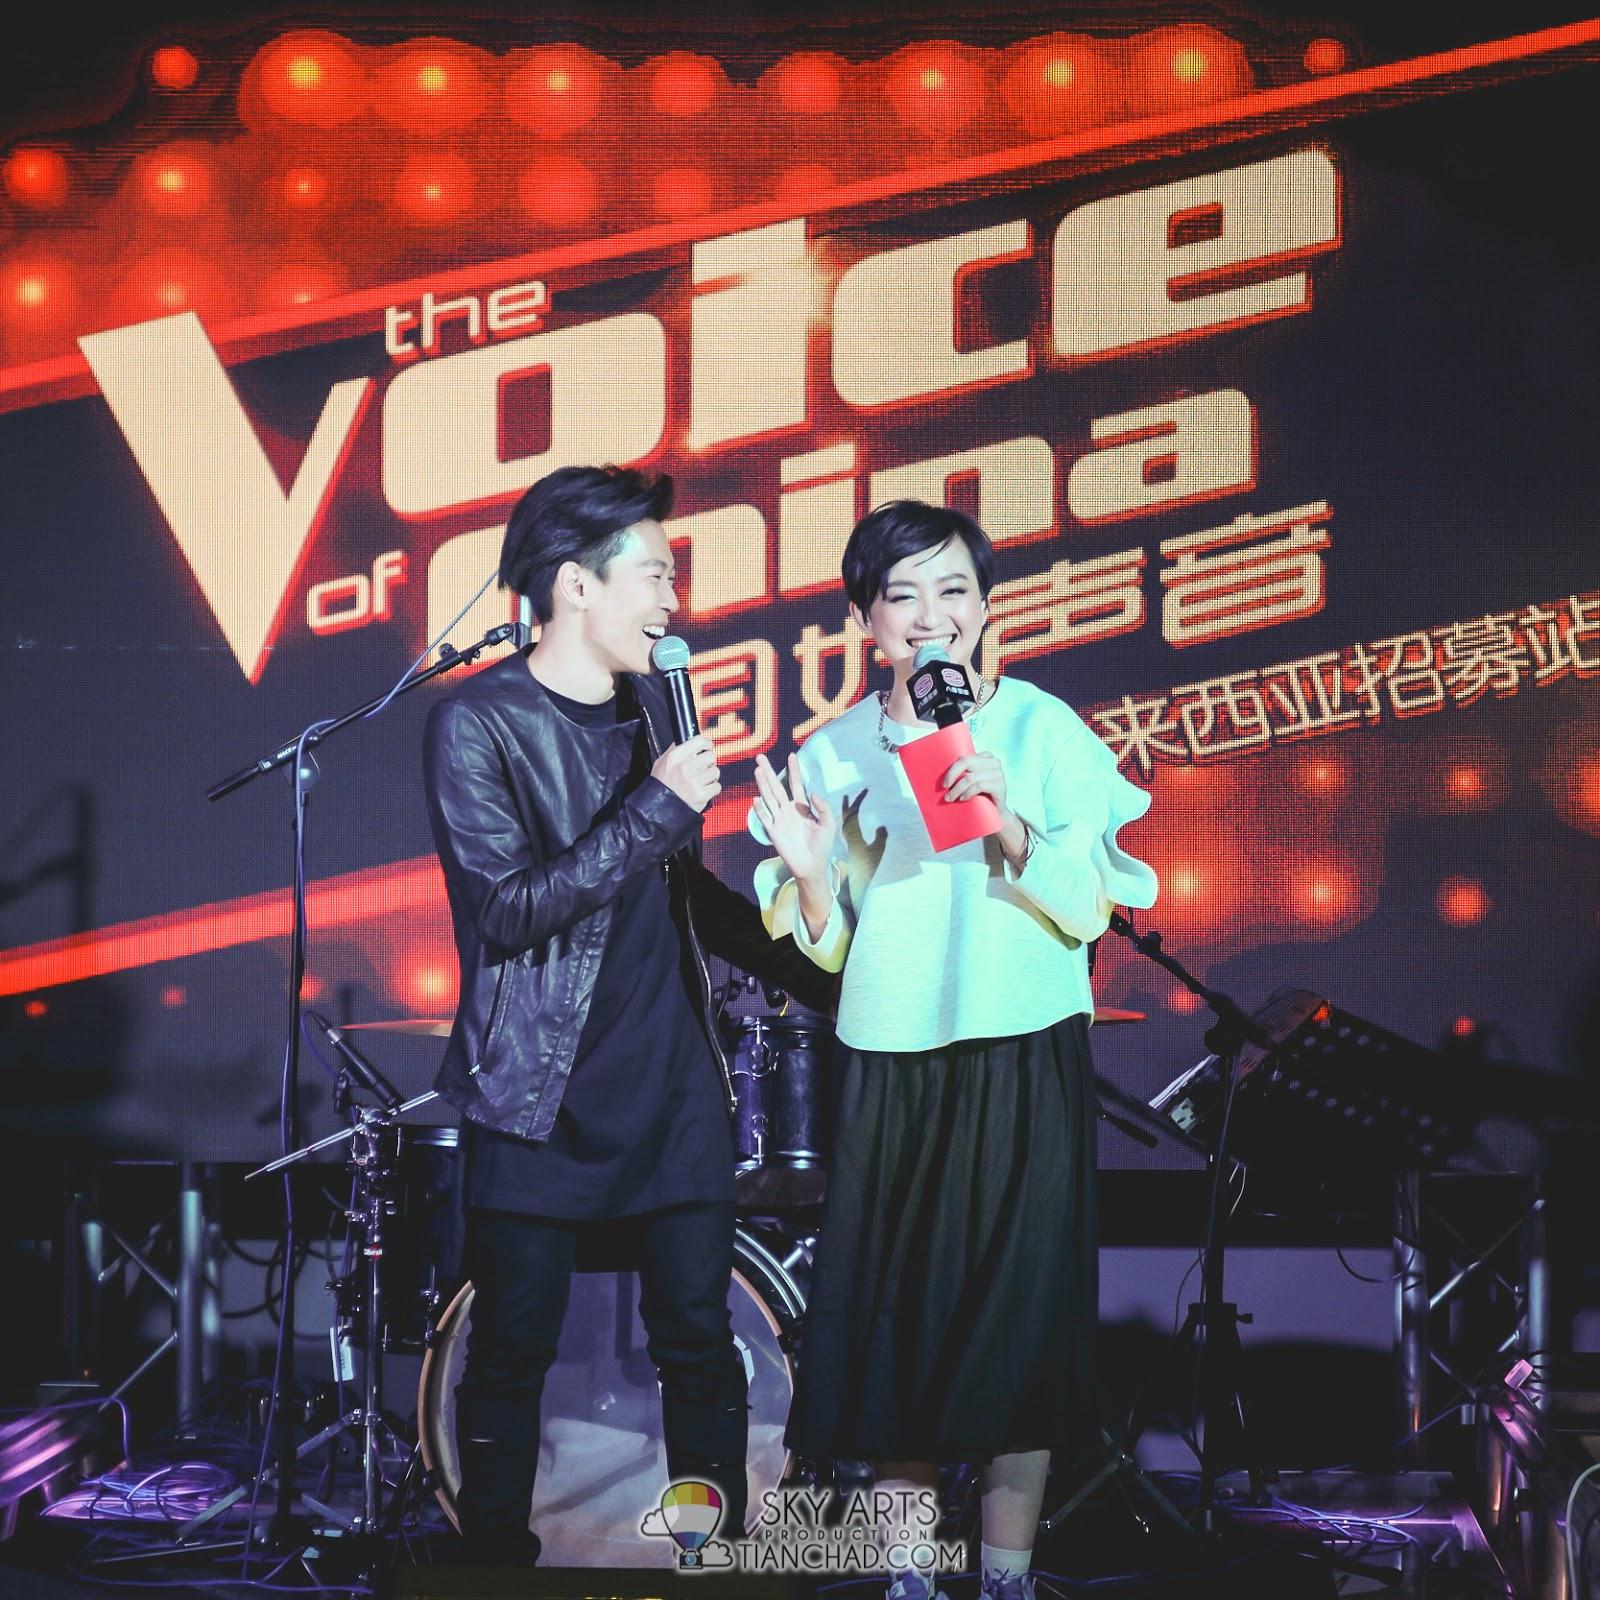 在主持人李欣怡的追问下,张诒博表示在盲选舞台时,希望周杰伦会为他转身。